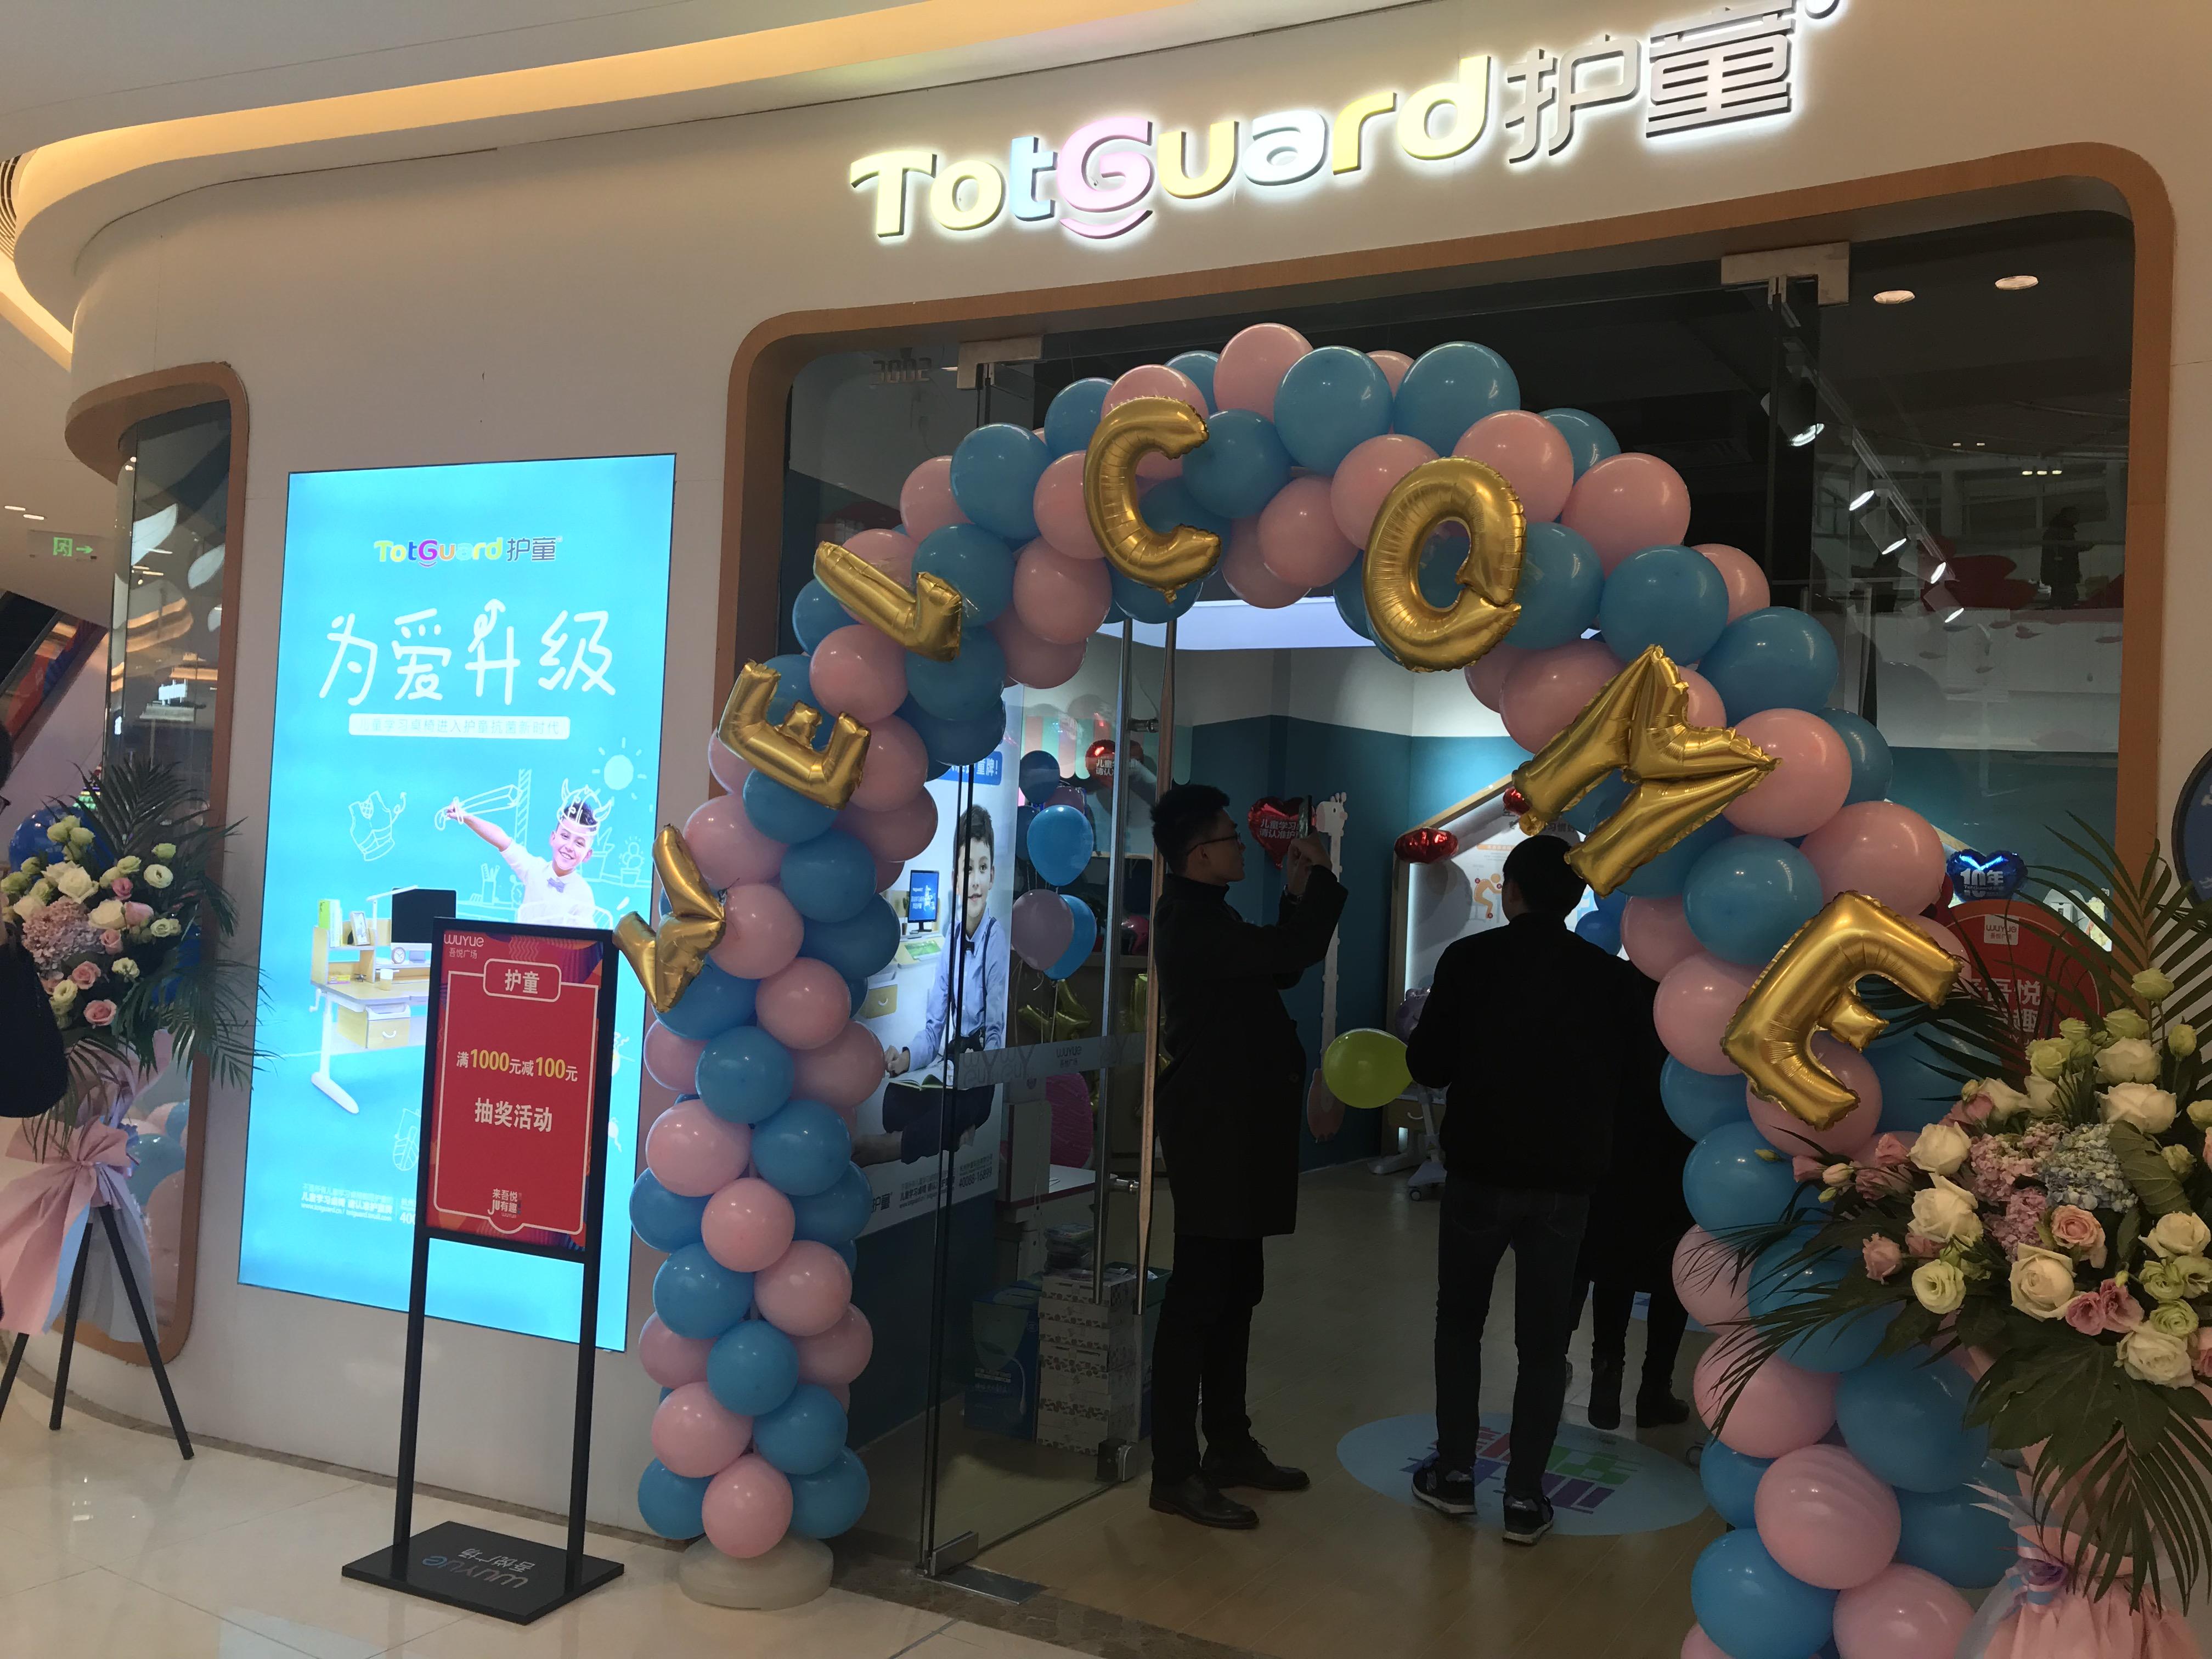 热烈祝贺护童第1559家南京句容吾悦广场店盛大开业!